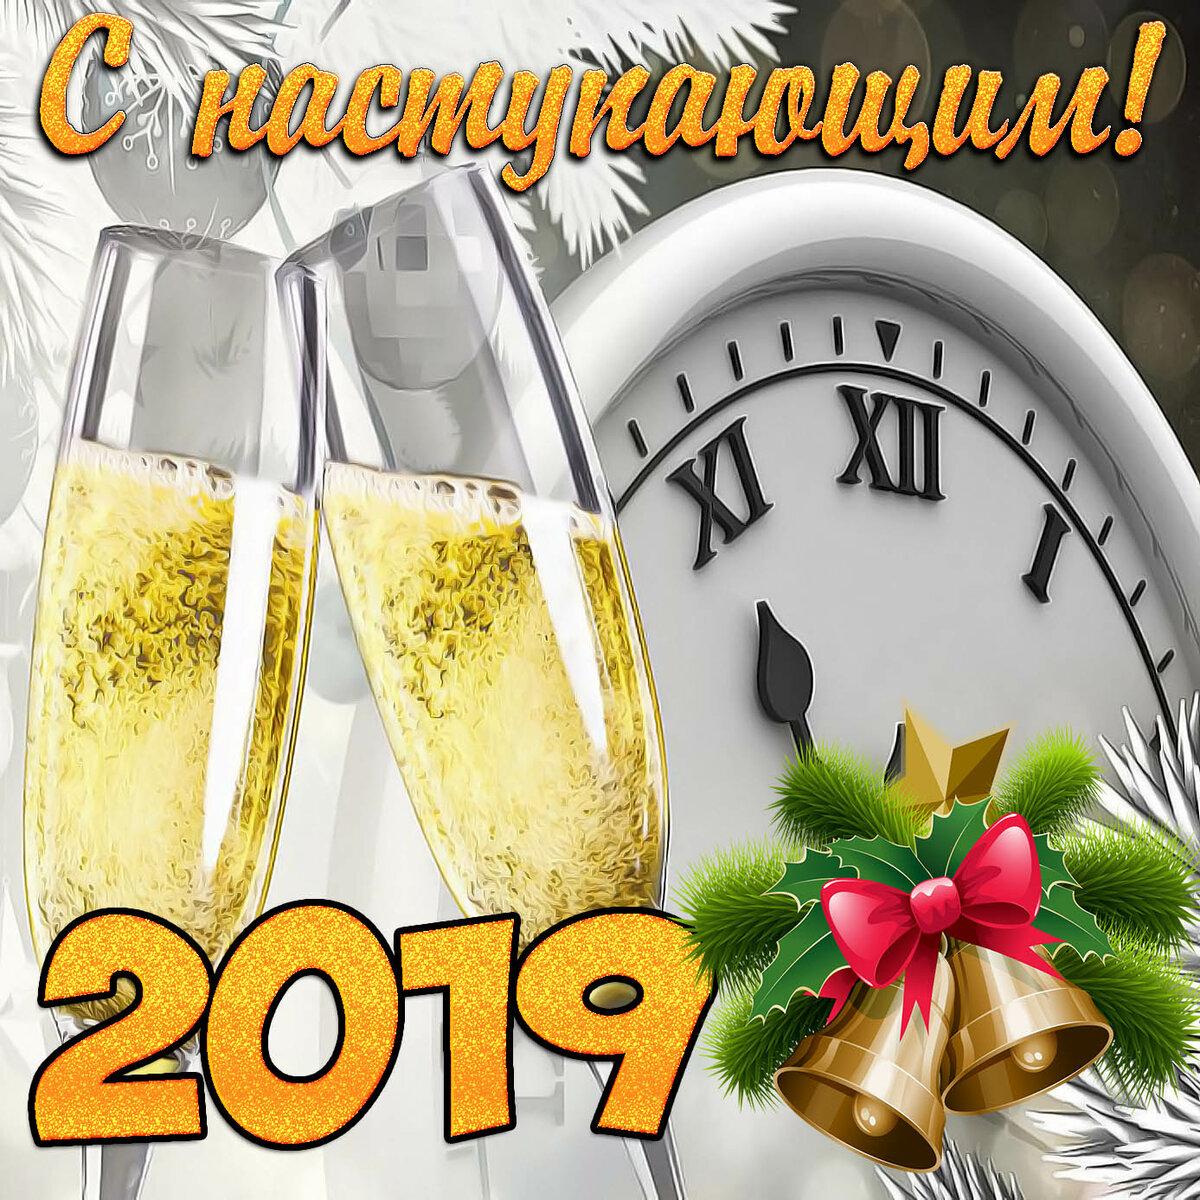 Открытка всех с наступающим новым годом 2019, картинки